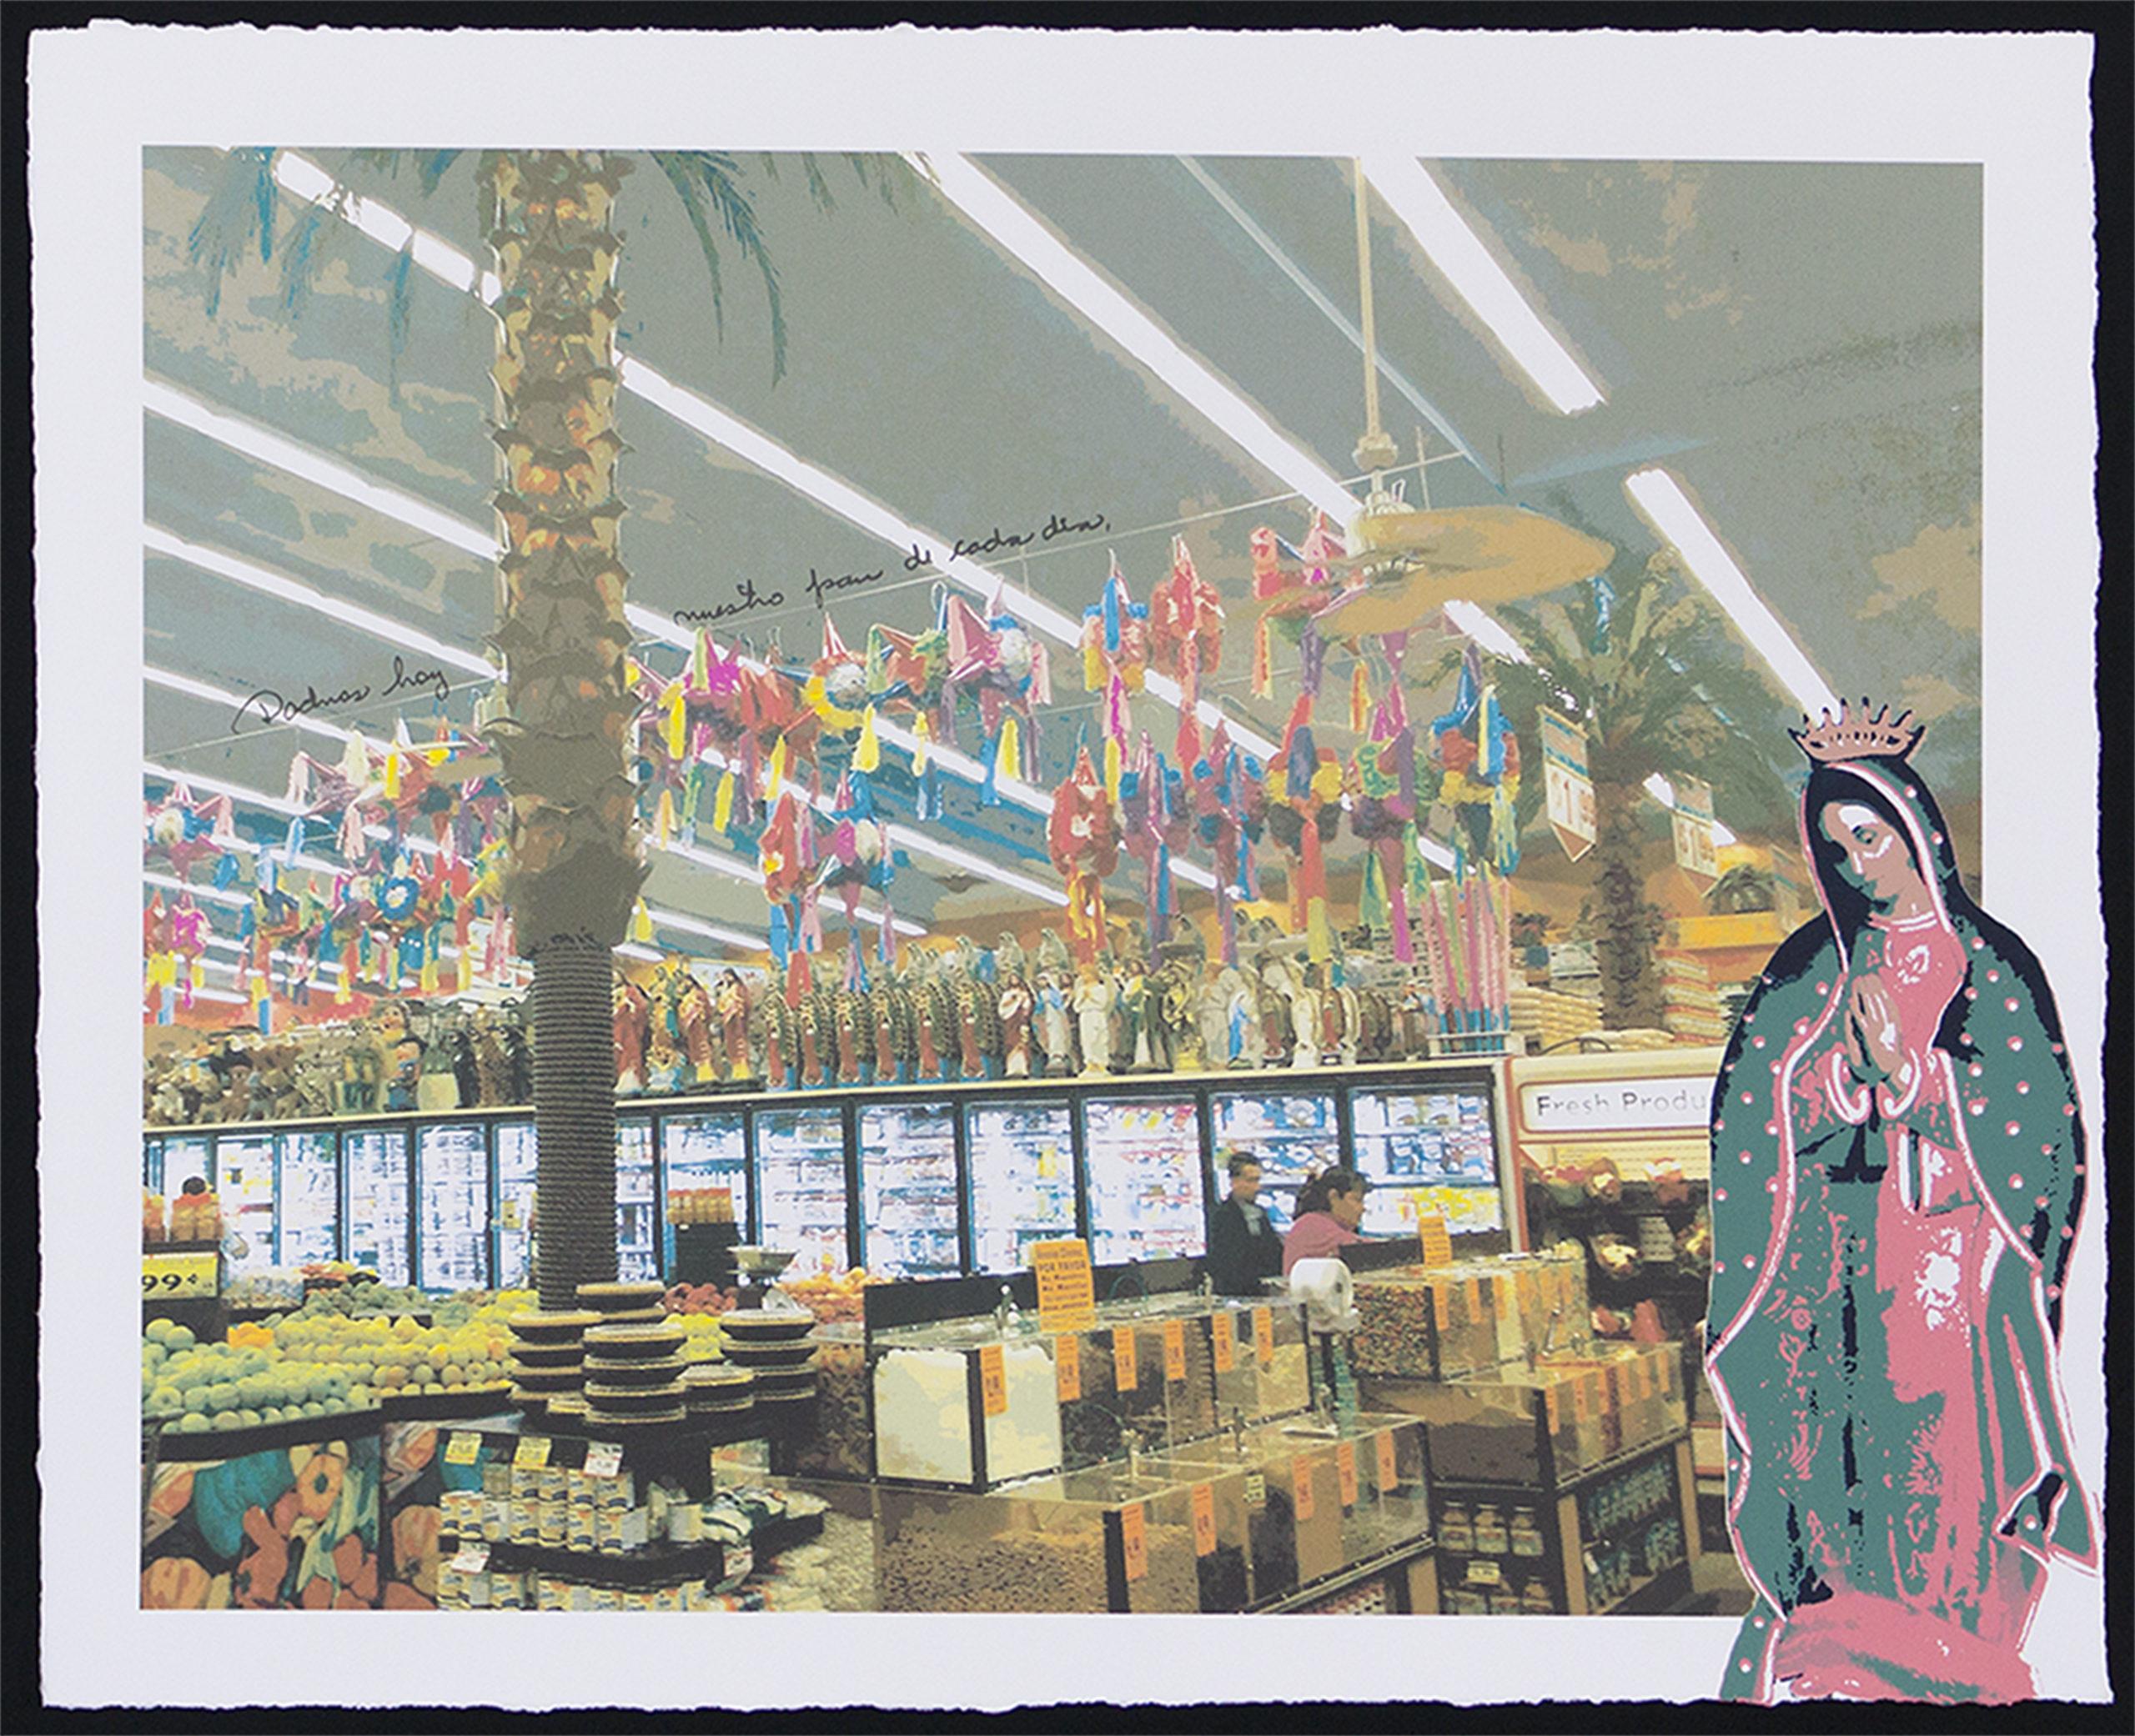 El Supermercado Vallarta